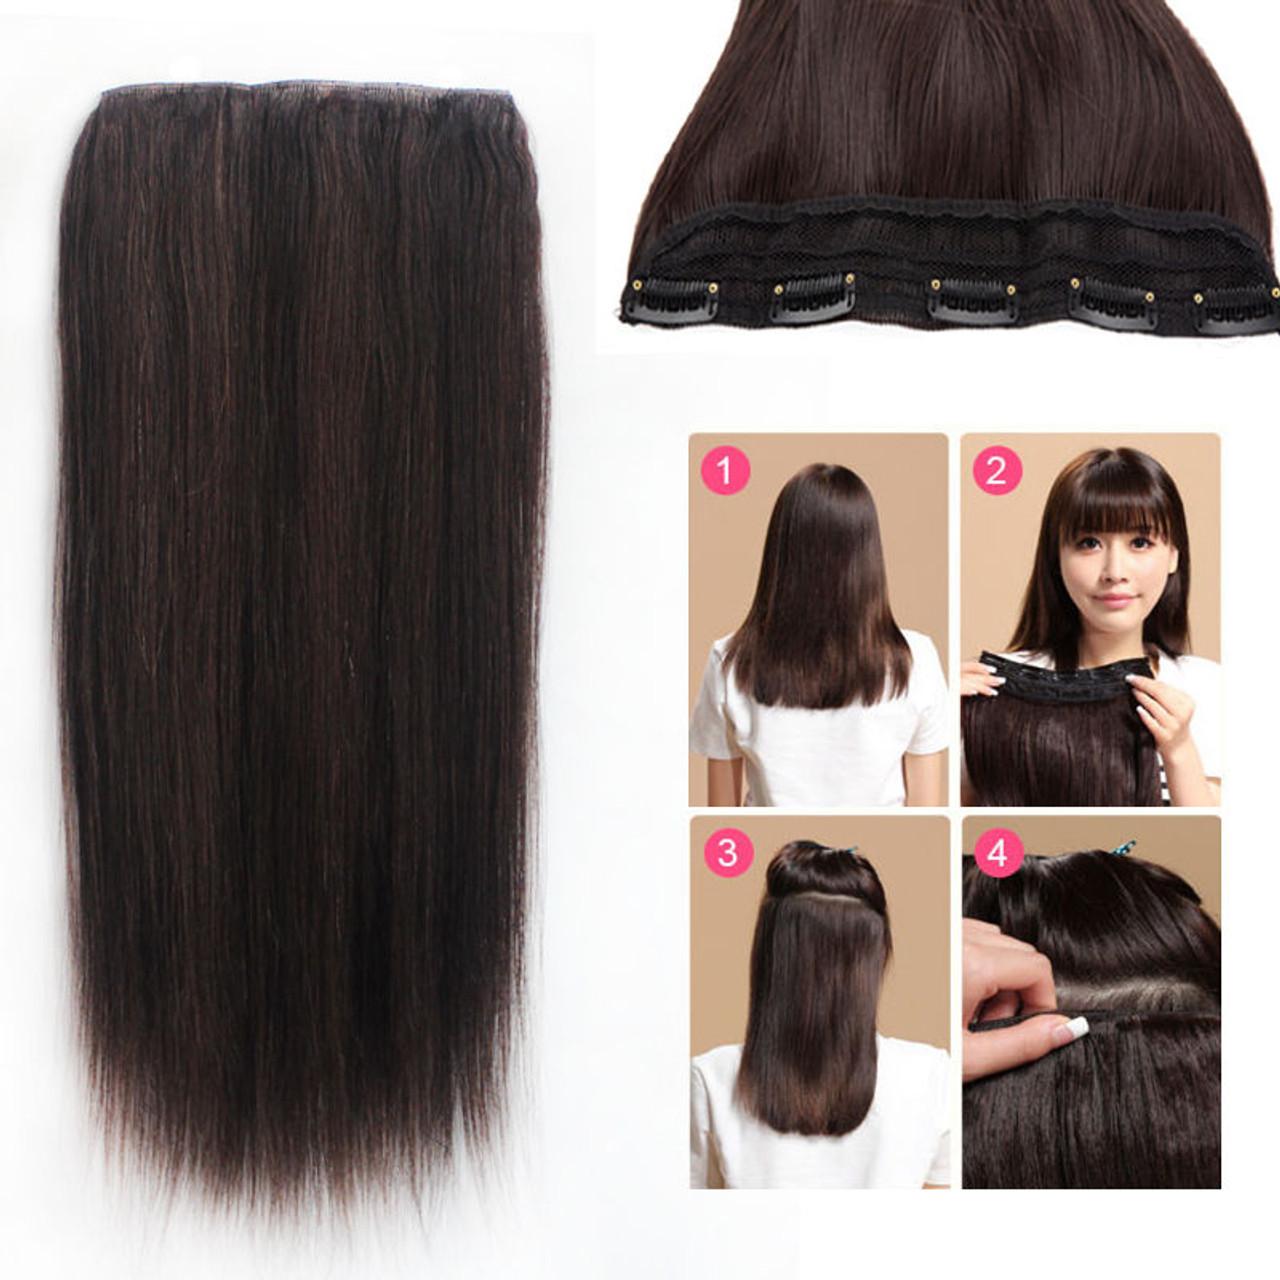 hair extensions human hair